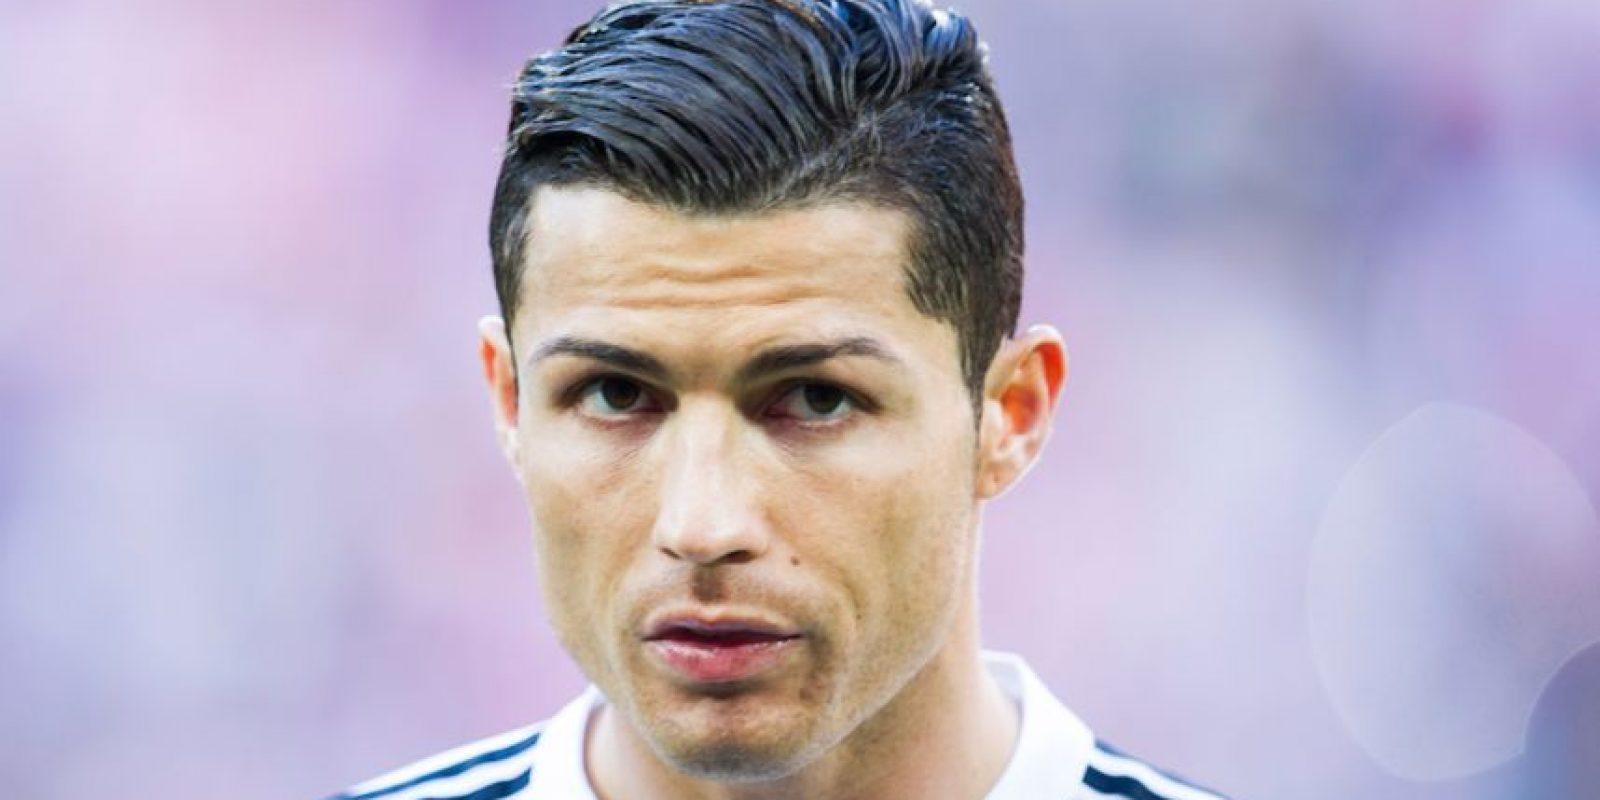 Cristiano dice que no dará declaraciones hasta que se acabe la temporada. Foto:Getty Images